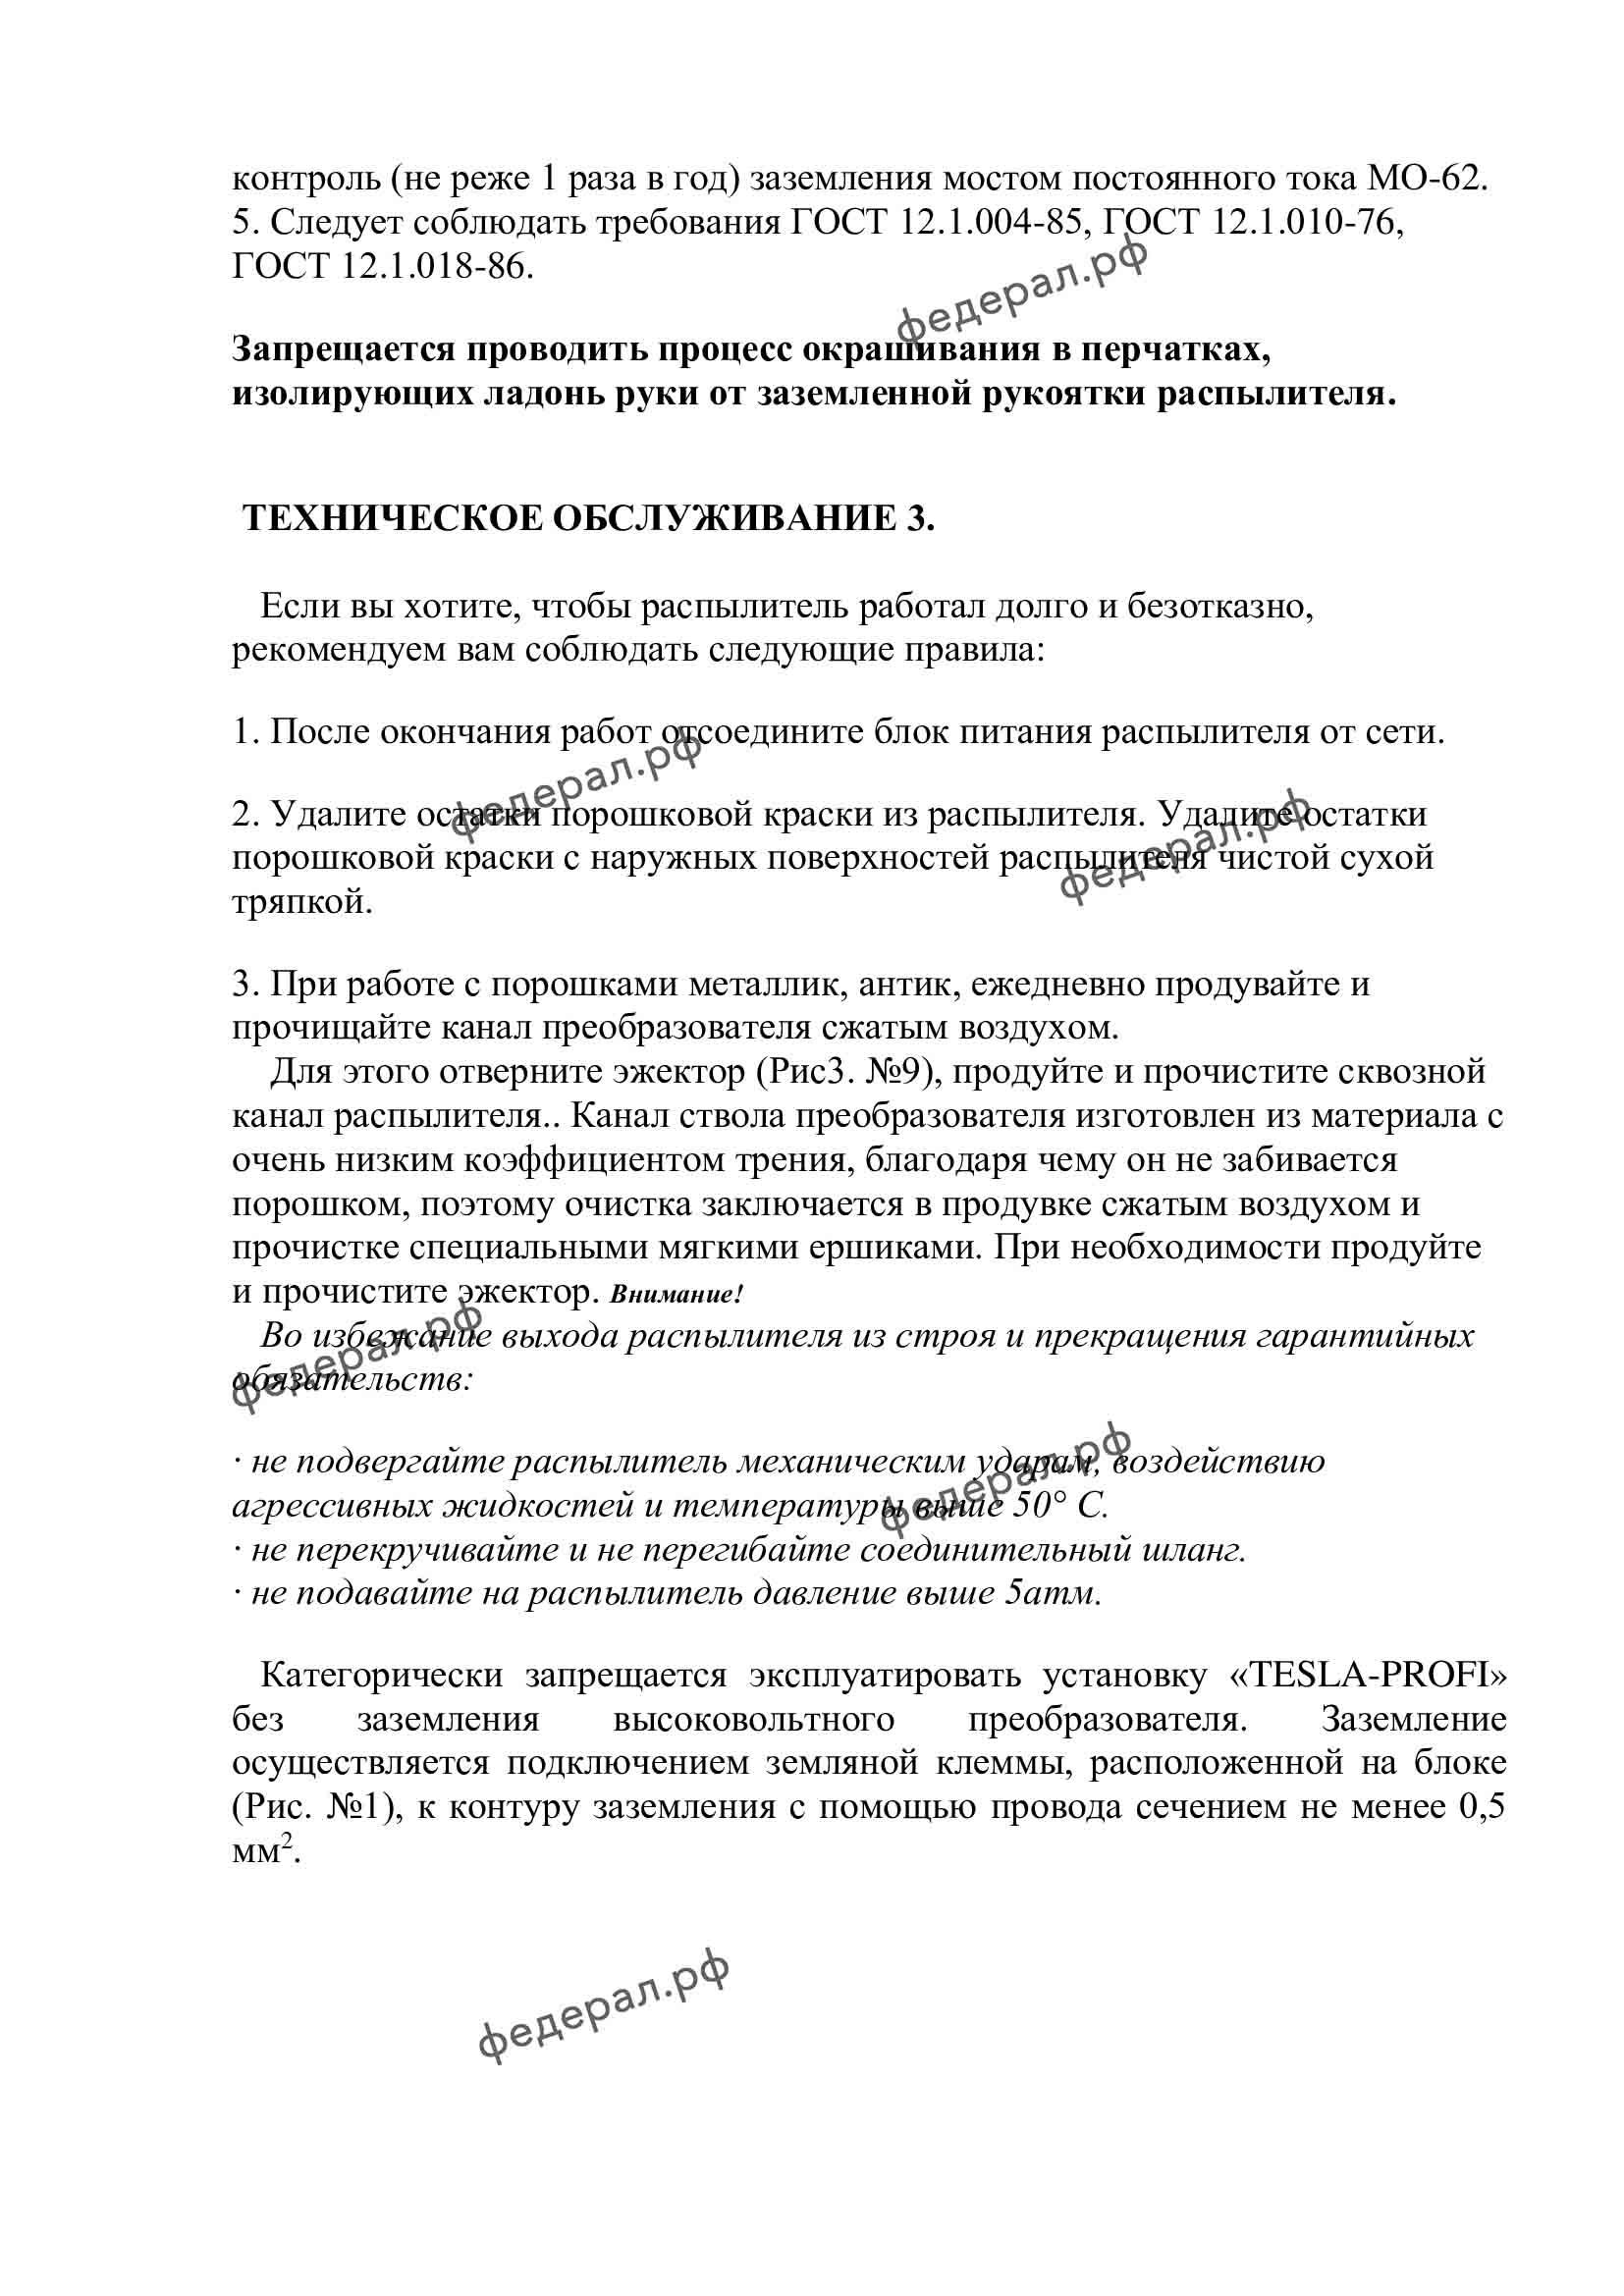 Порошковый пистолет распылитель Тесла Профи 2 Паспорт